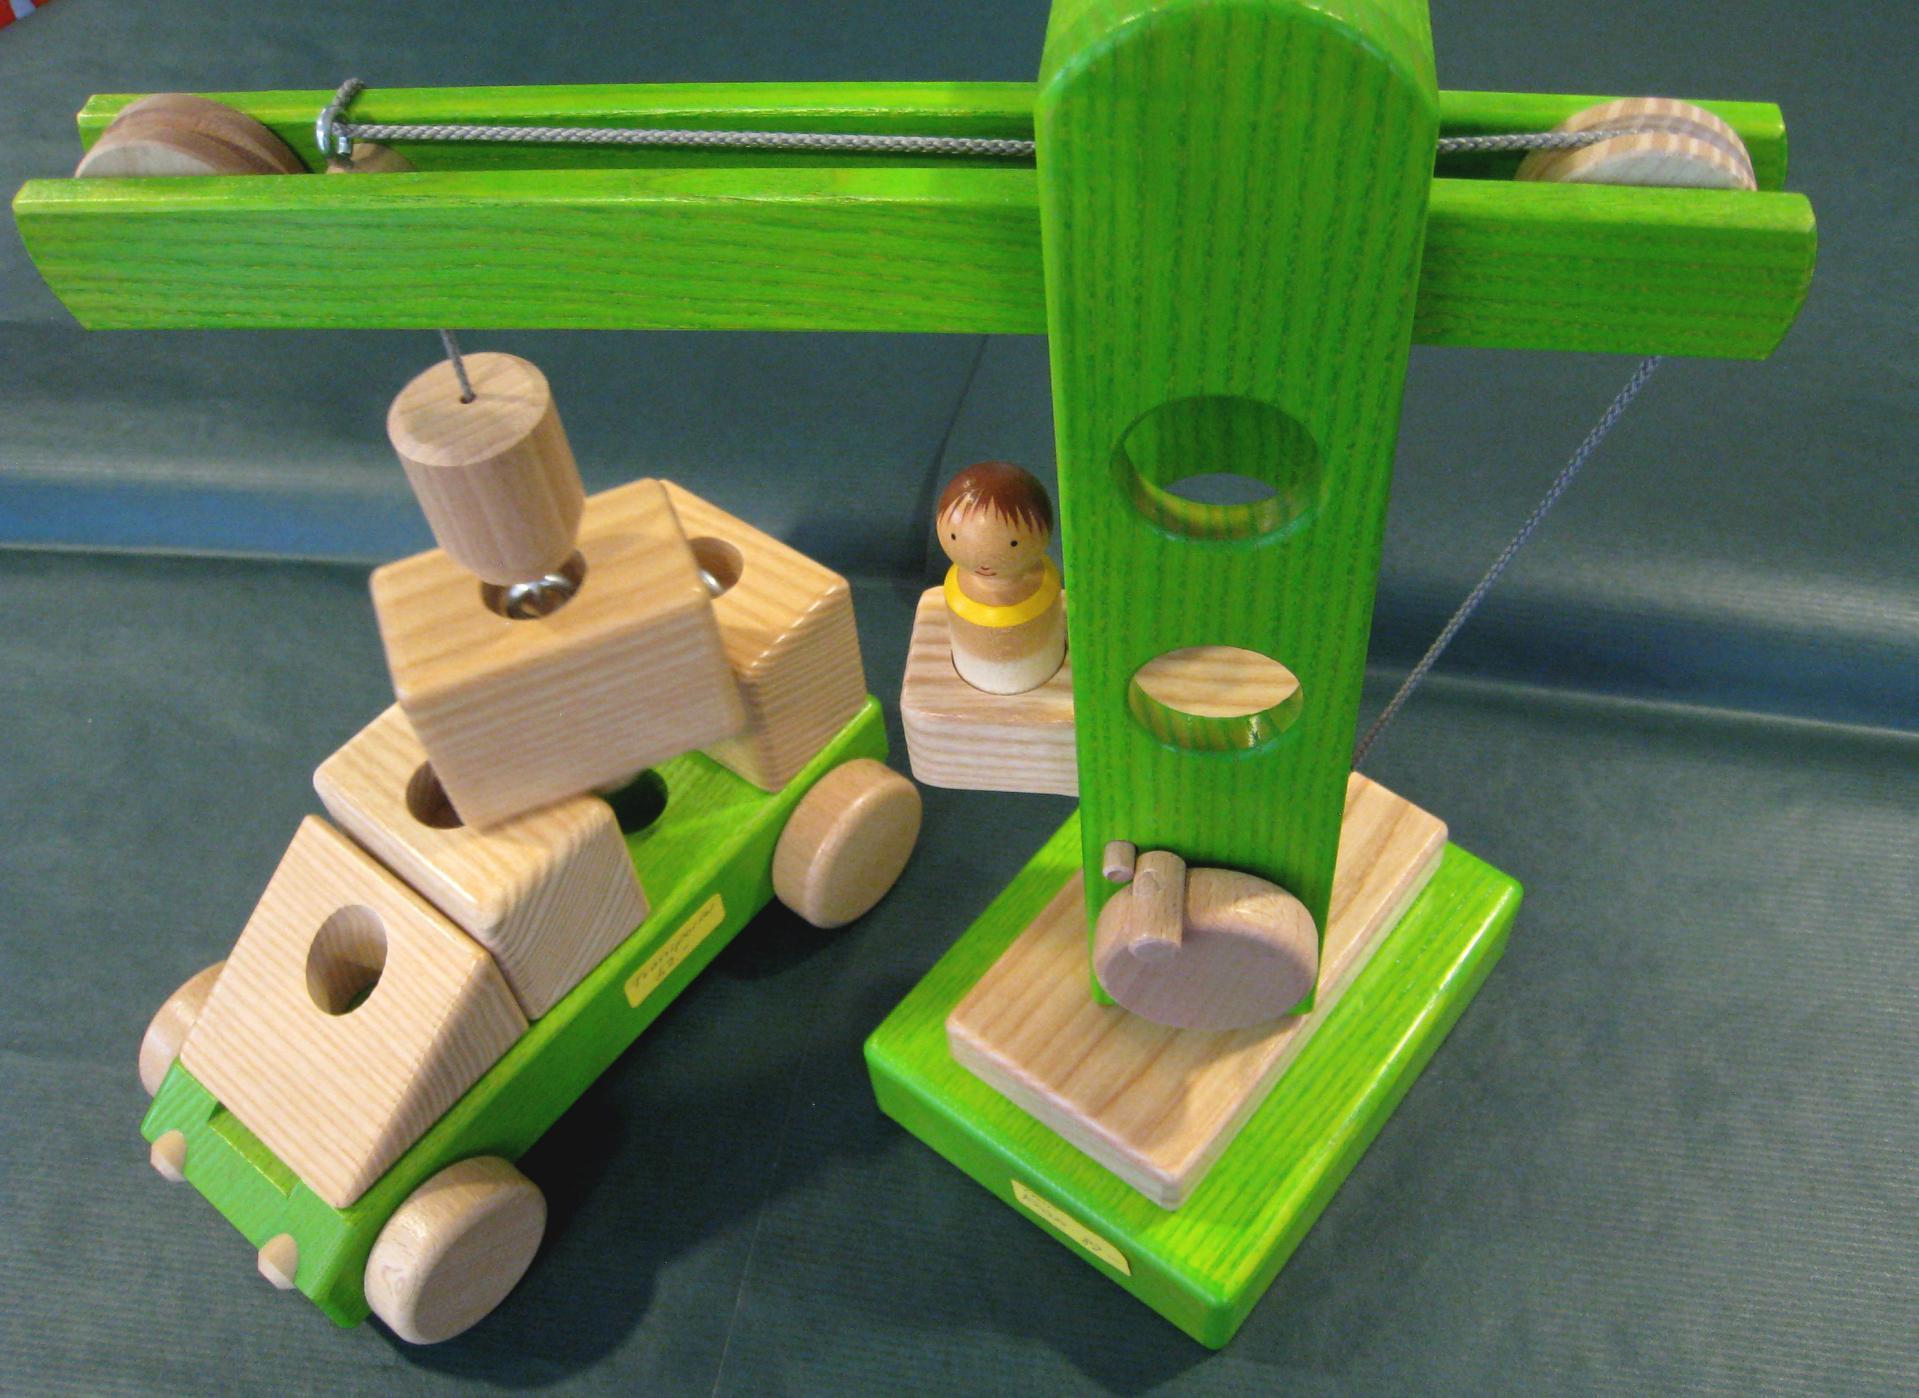 frisch holzspielzeug kran selber bauen tierspielzeug. Black Bedroom Furniture Sets. Home Design Ideas